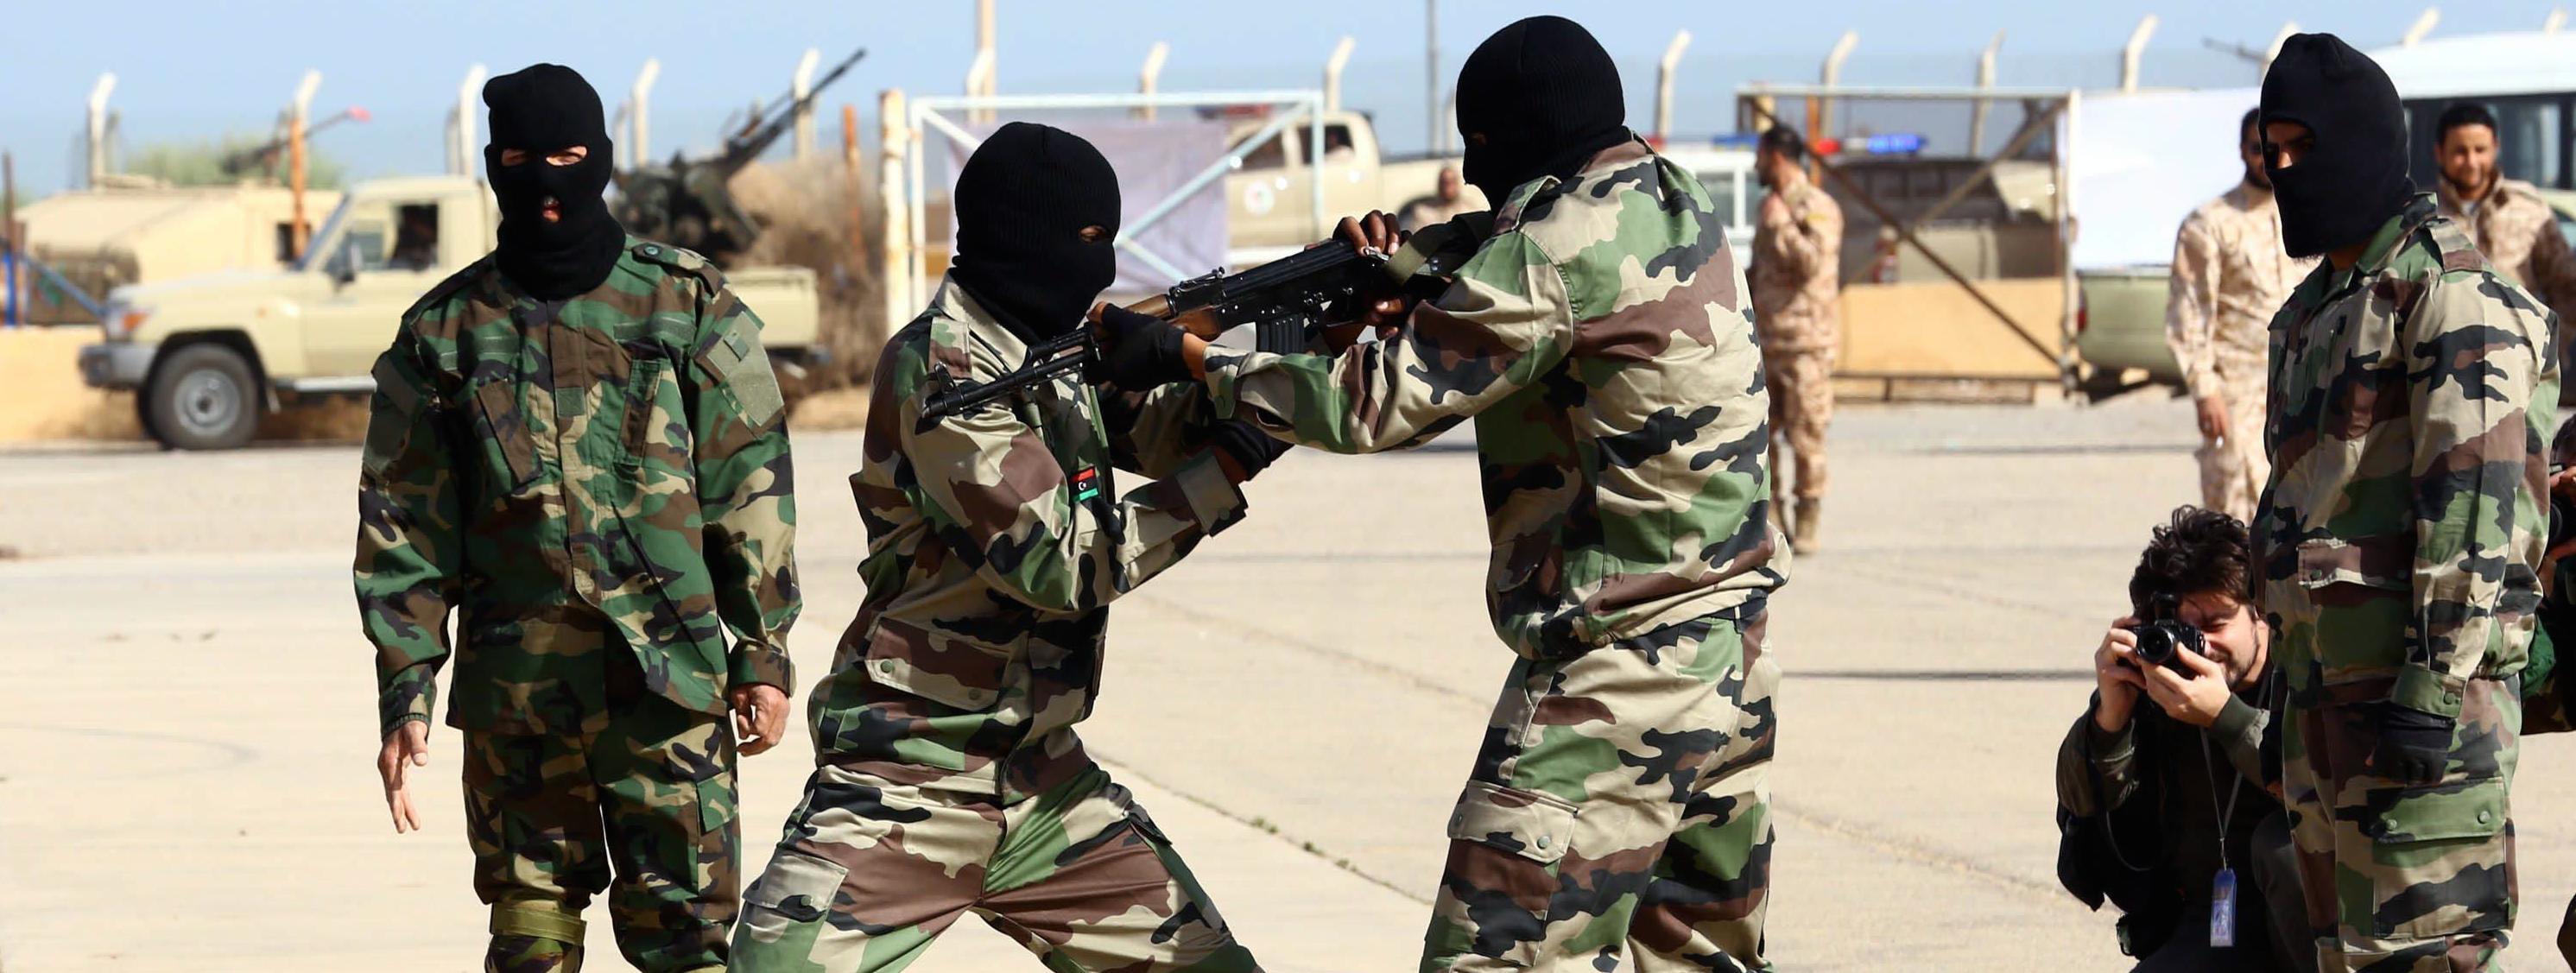 L'esercito libico in addestramento